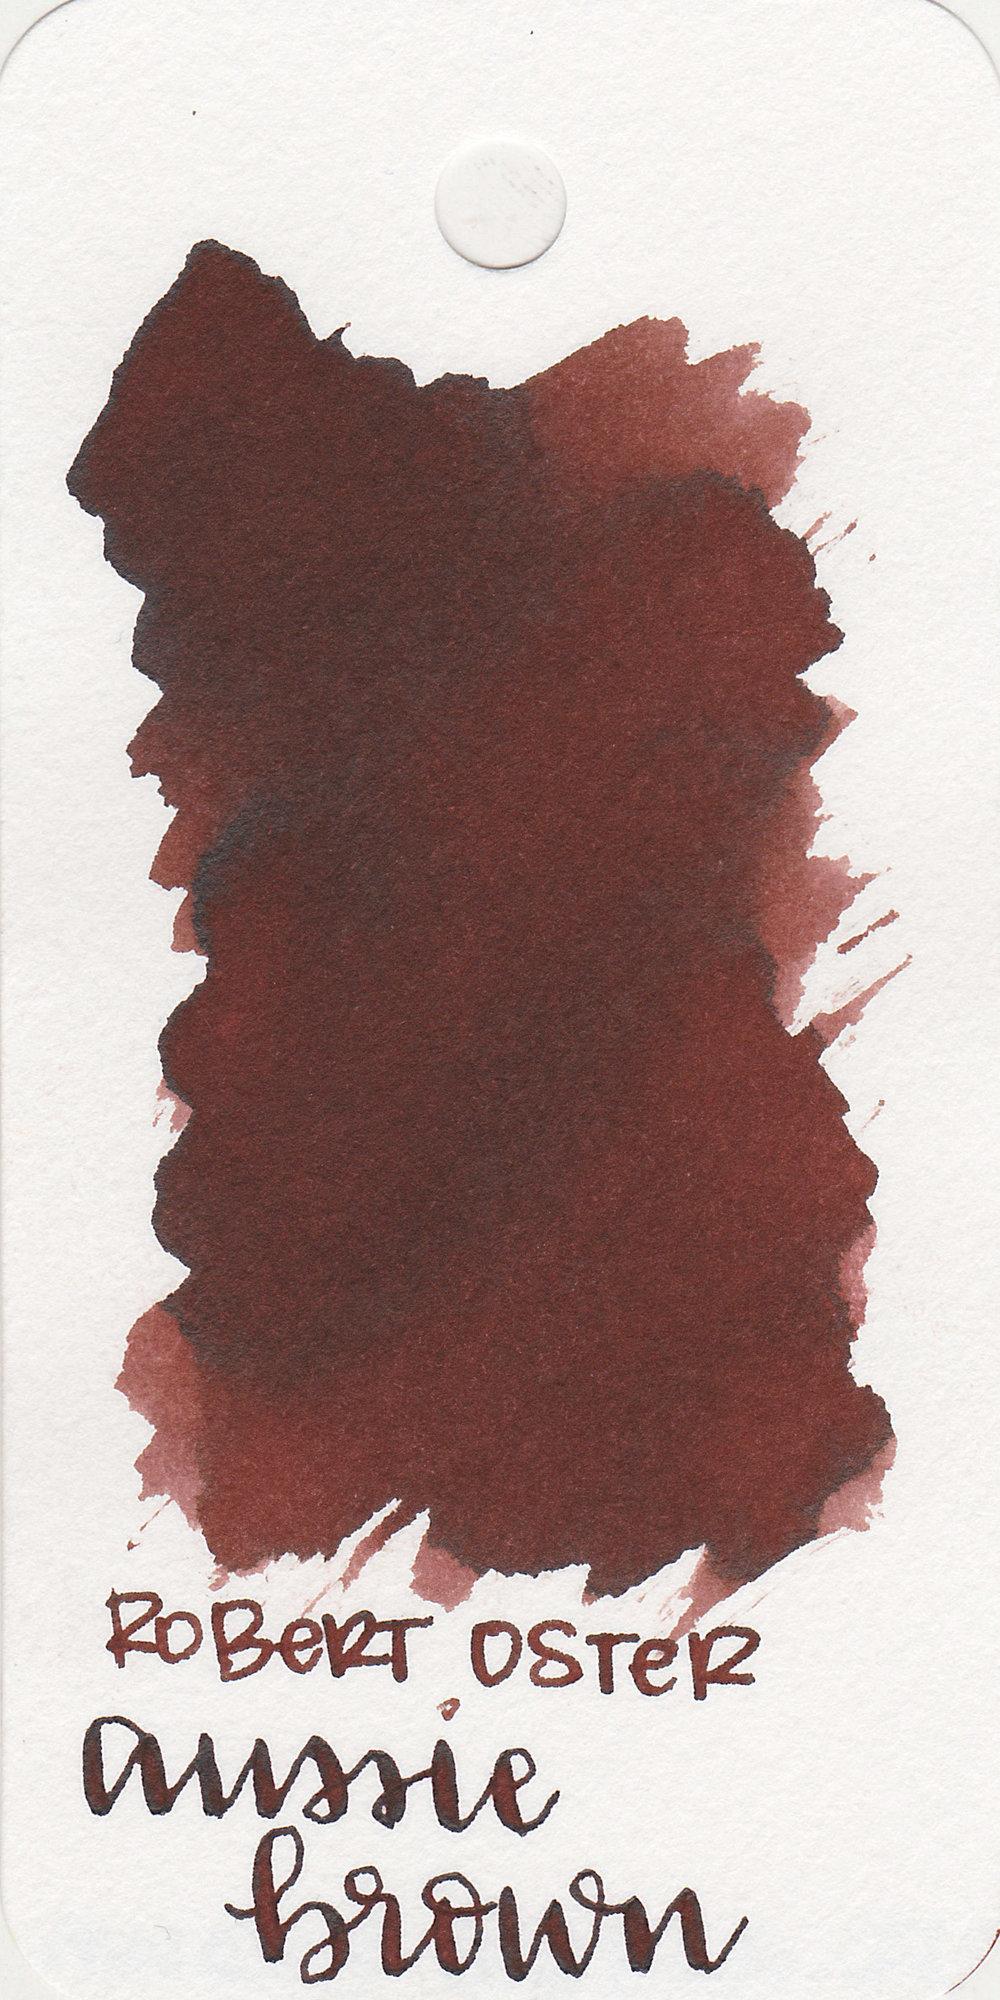 ro-aussie-brown-1.jpg